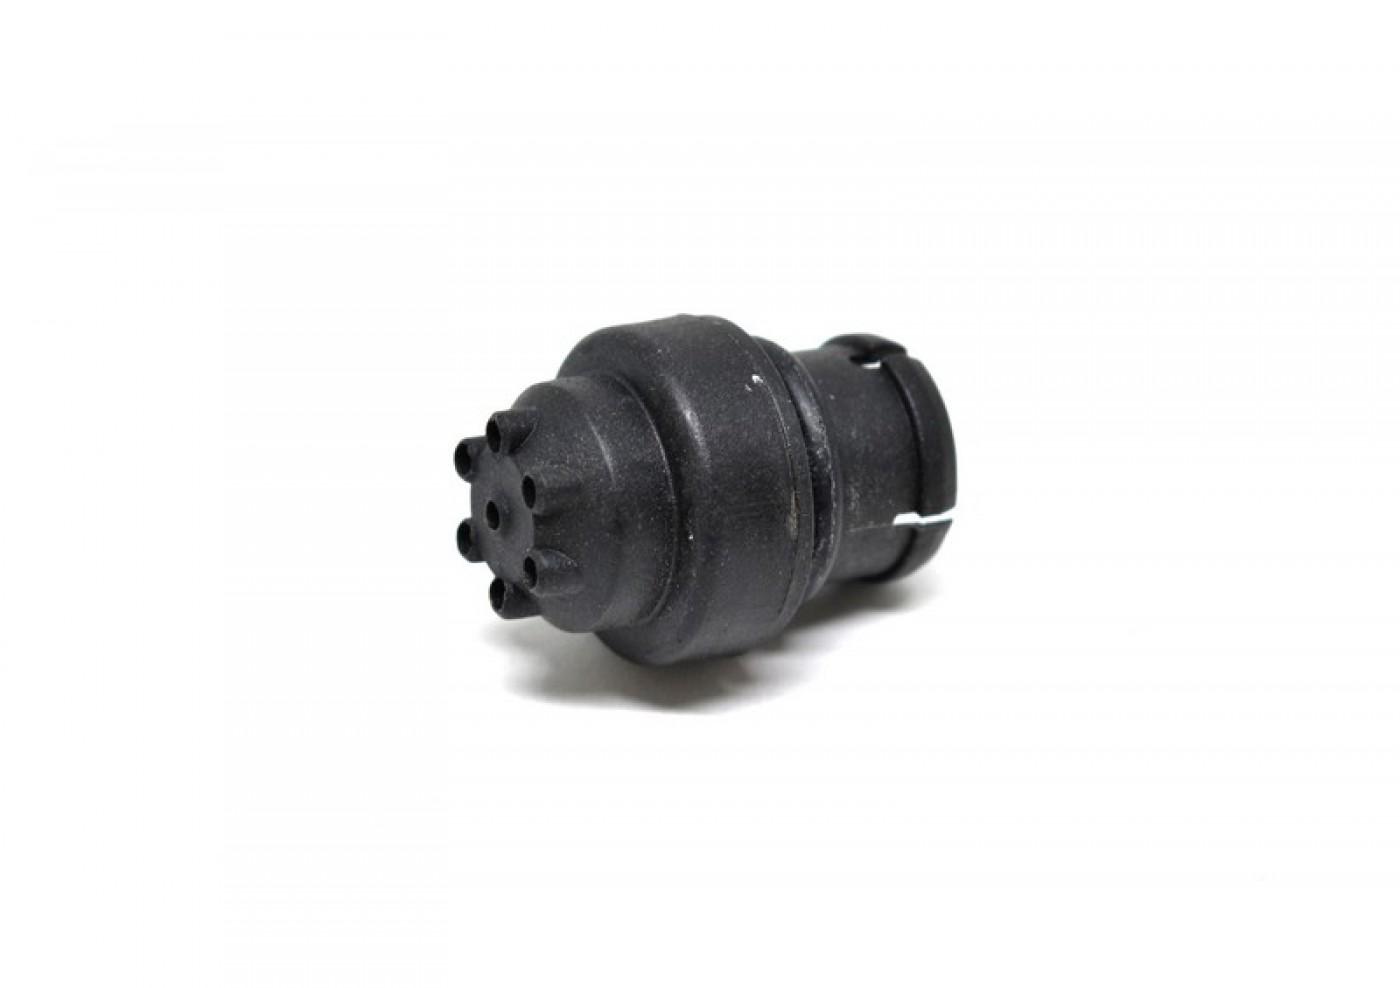 Odvzdušňovací ventil palivové nádrže Stihl MS231 MS241 MS270 MS280 MS460 - 1124 791 2800